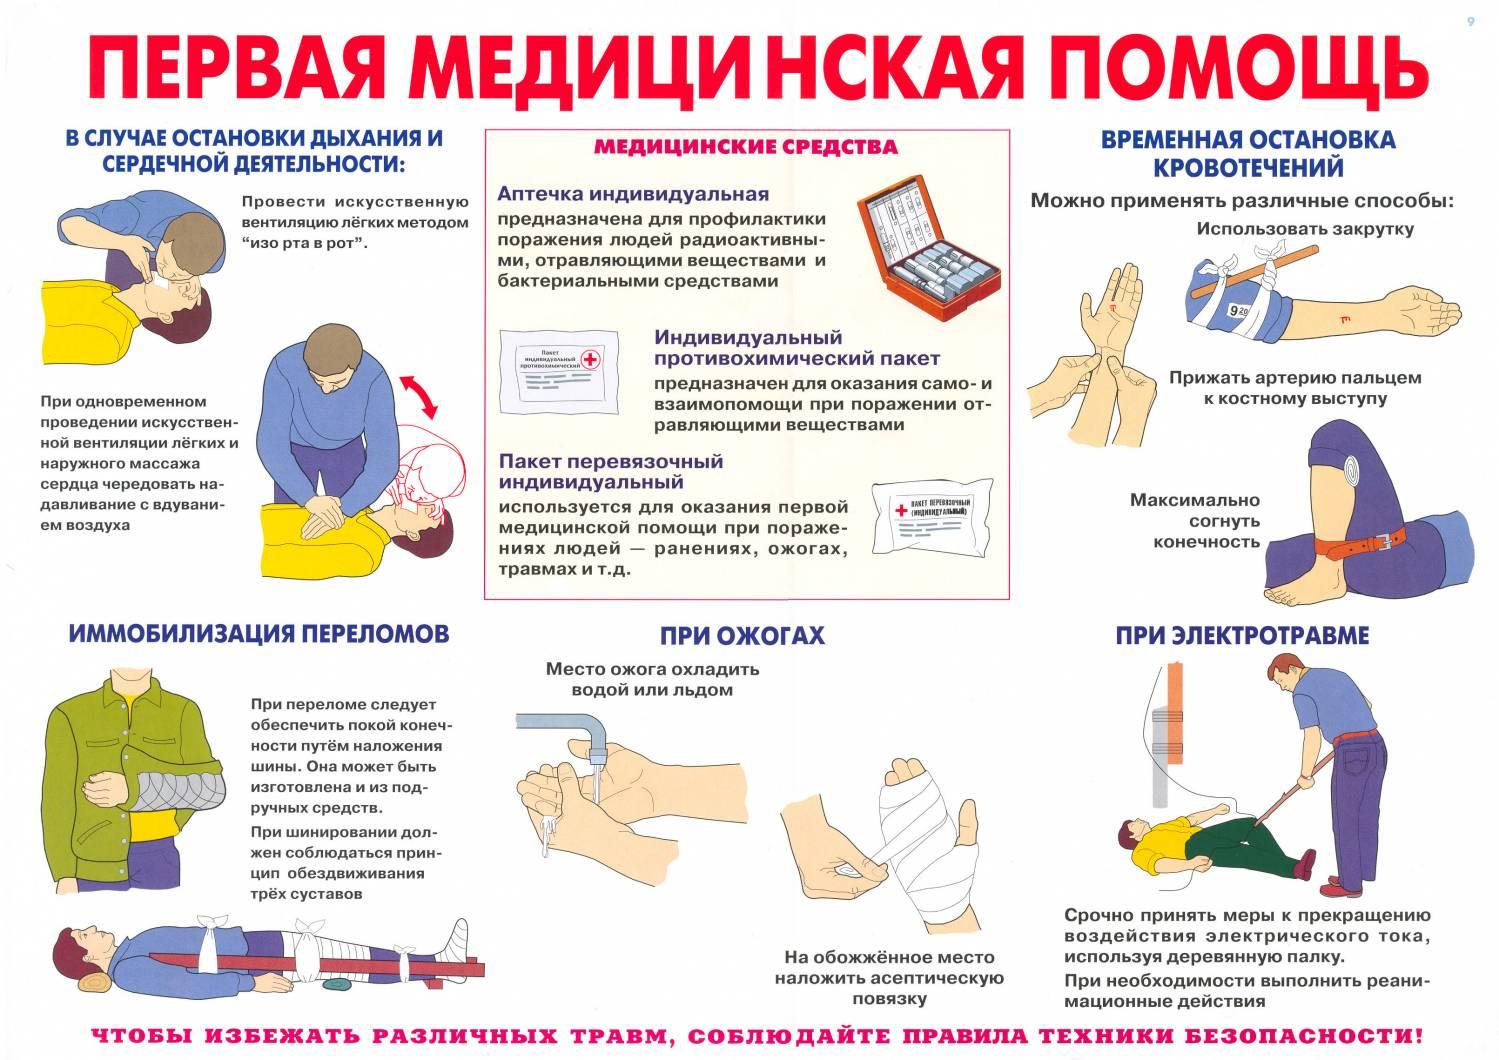 картинки для оказания первой медицинской помощи